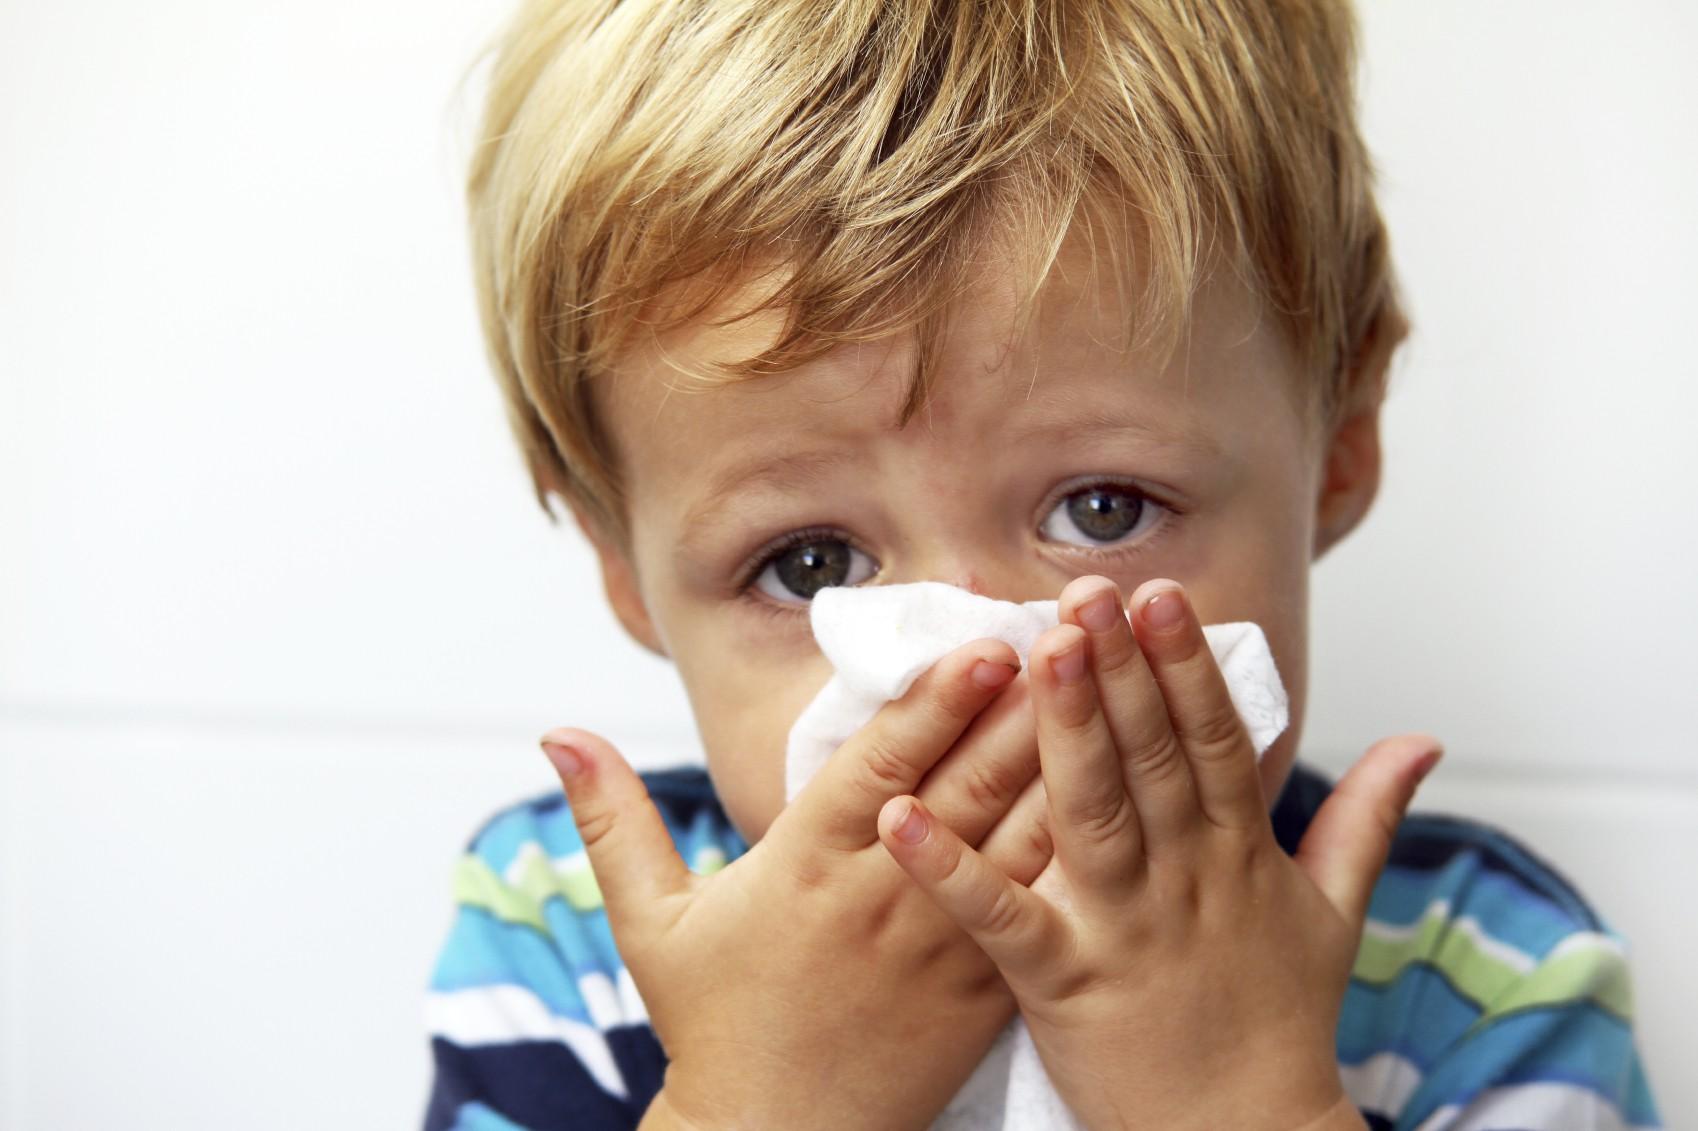 Chăm sóc trẻ mùa lạnh - Mùa lạnh trẻ thường gặp các bệnh về đường hô hấp